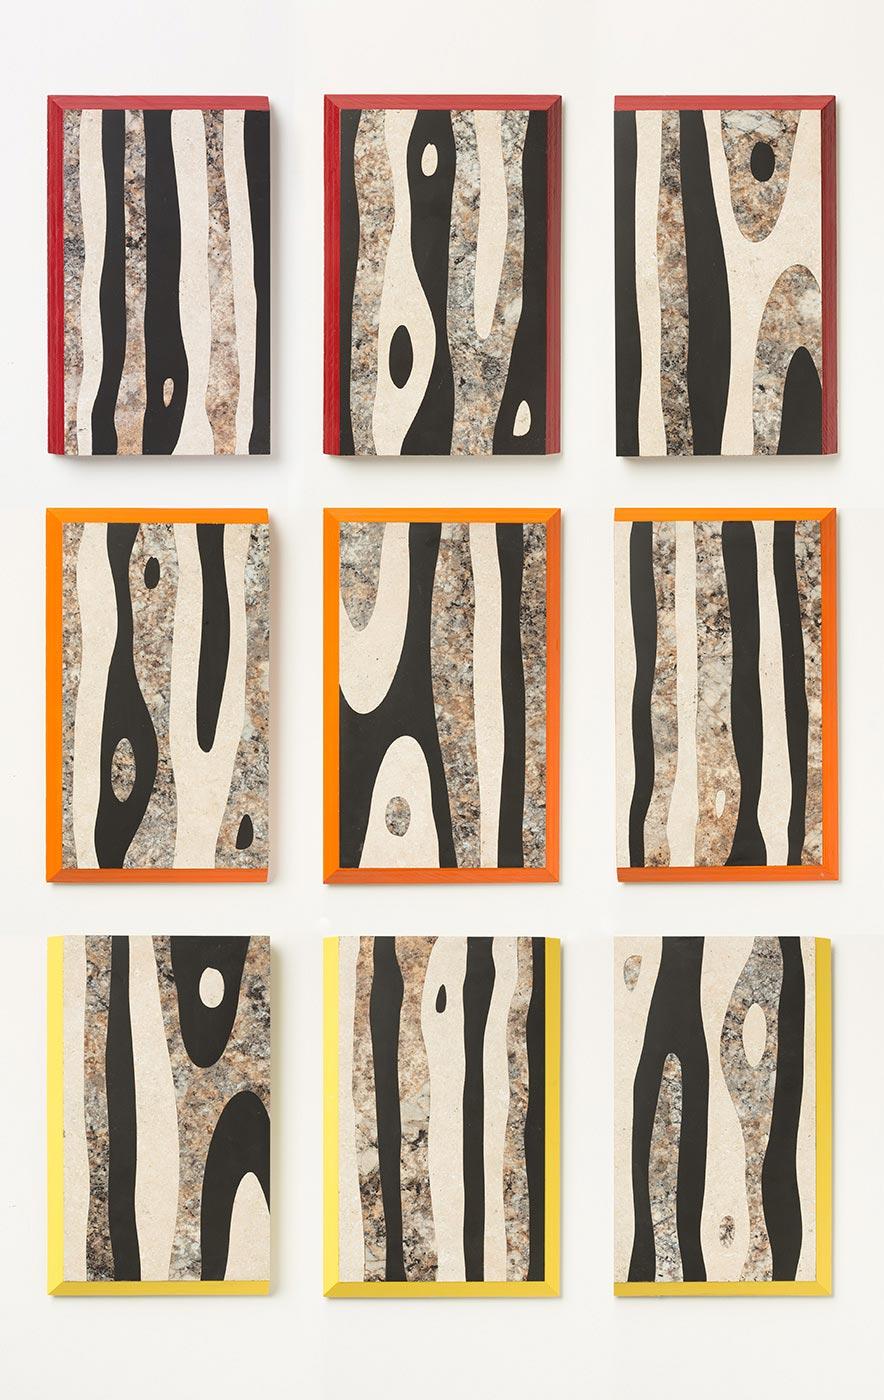 Jojo Chuang - Idea of Plane (Mimicry series)